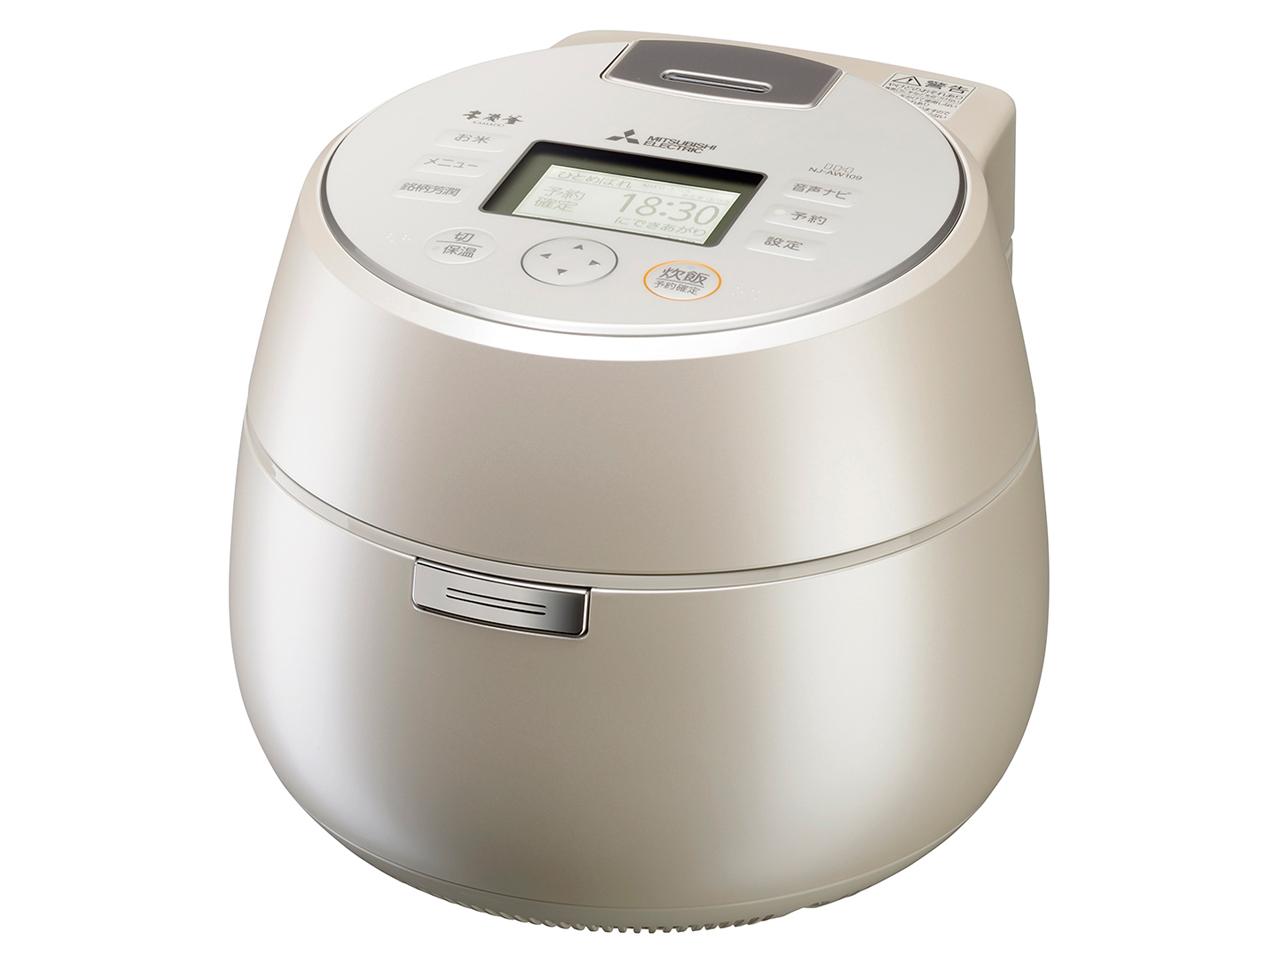 【お取り寄せ】三菱電機(Mitsubishi Electric)IHジャー炊飯器(5.5合炊き) 白和三盆|NJ-AW109-W